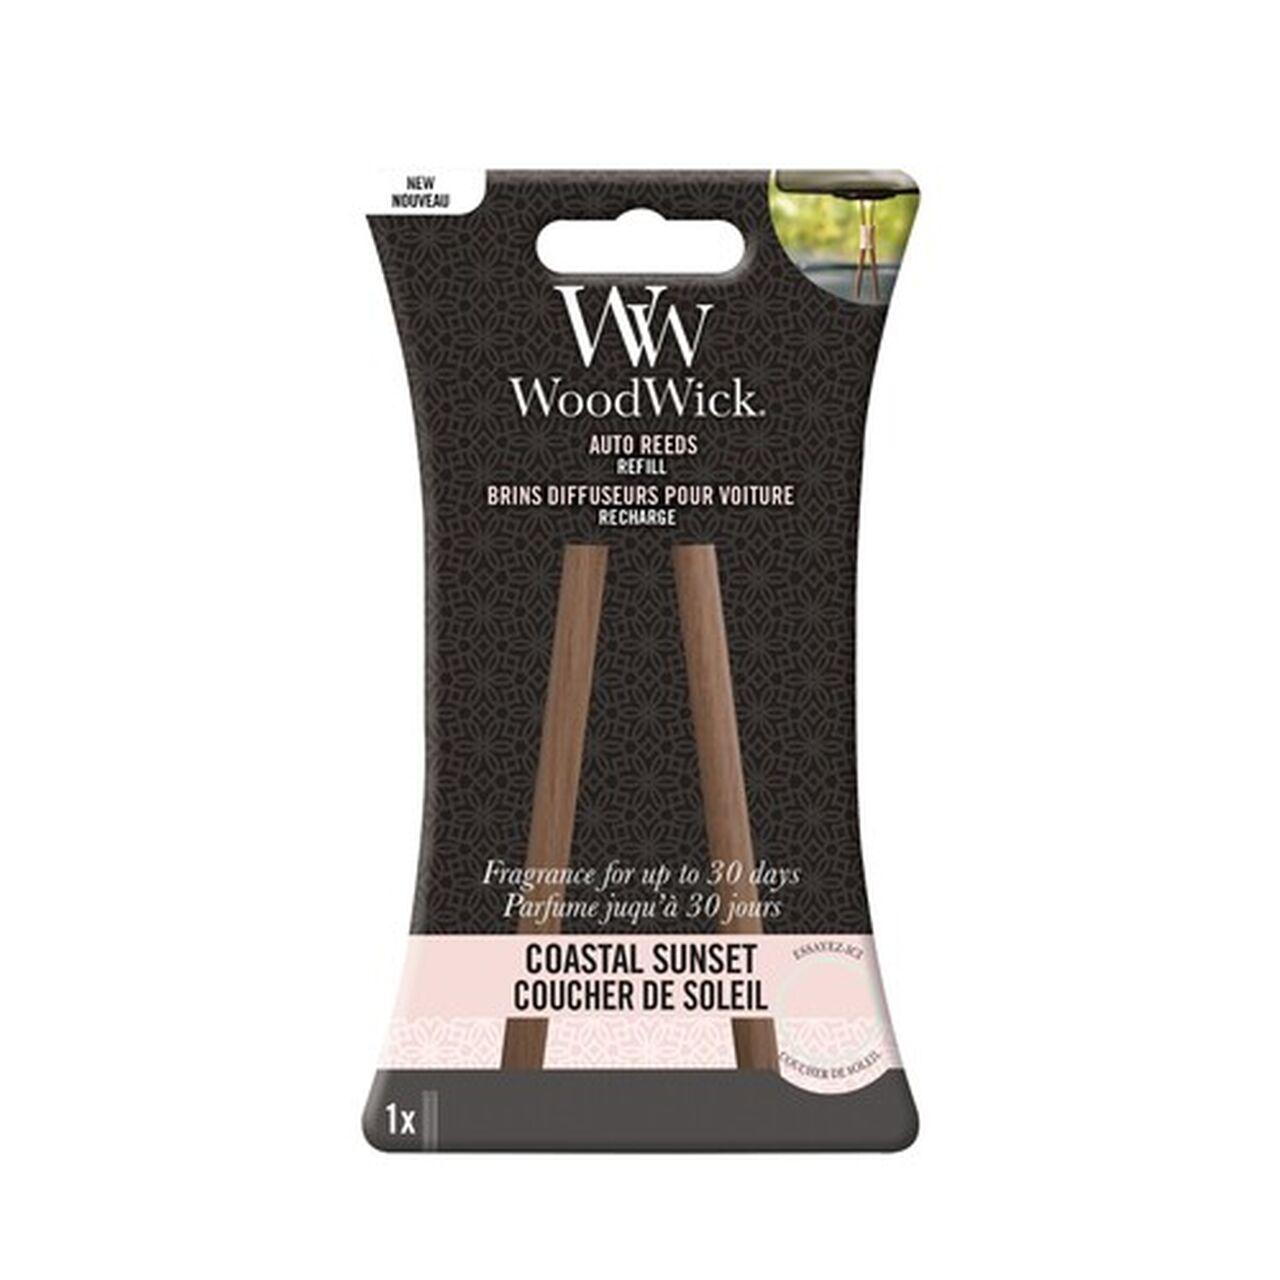 WoodWick Auto Reeds Coastal Sunset Nachfüll Pack